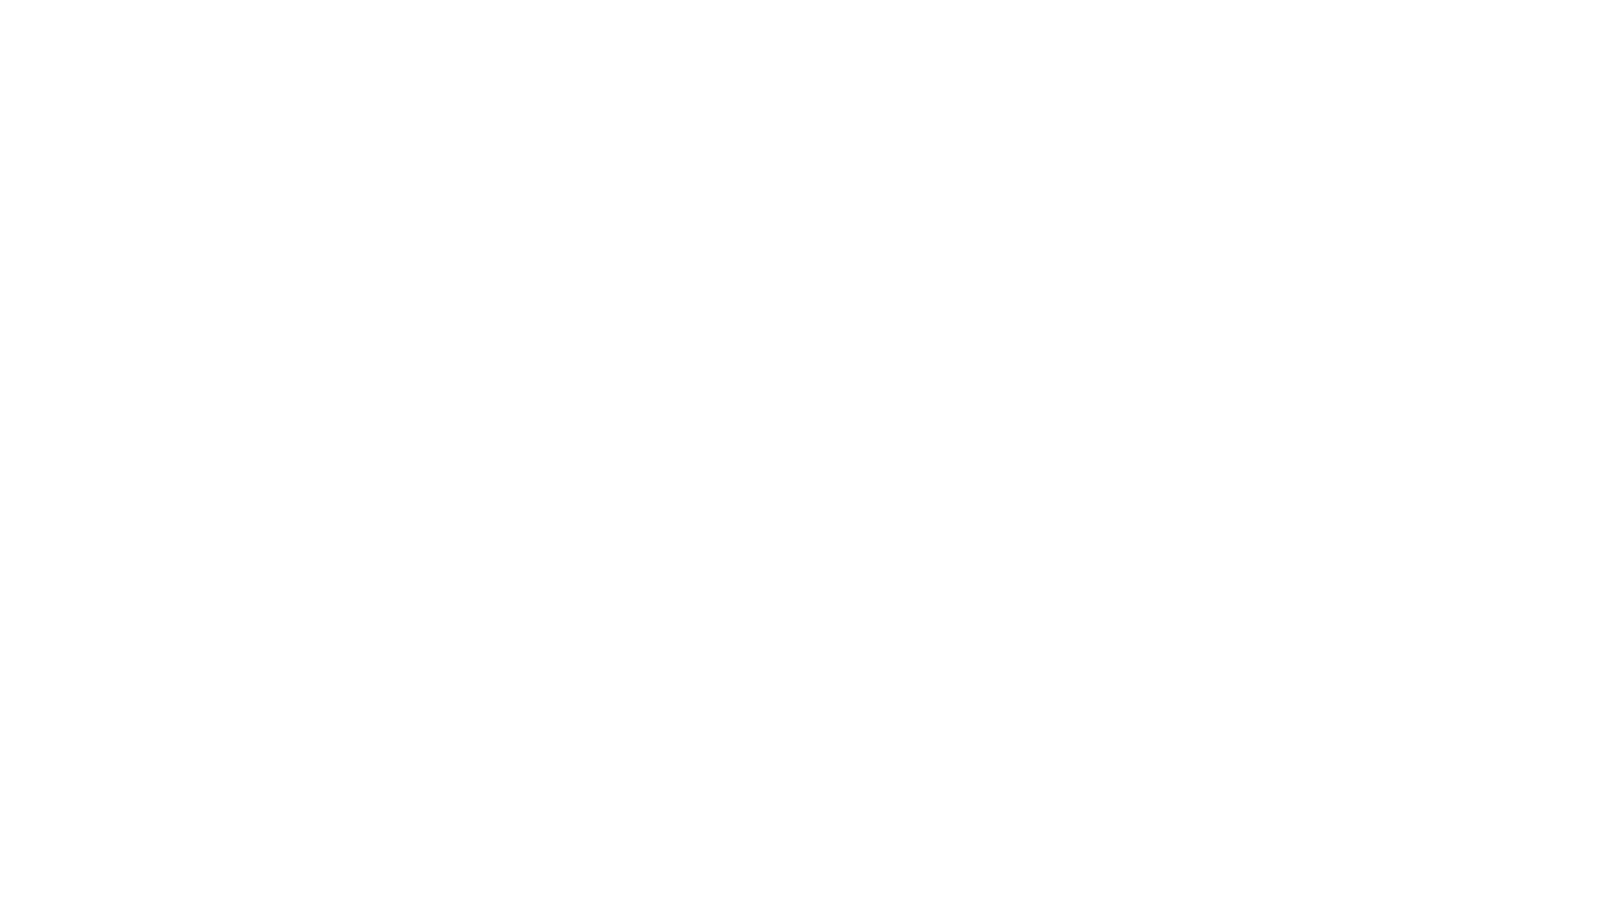 """Rozważania na stulecie narodowego przełomu. Prelekcja Pana Wiesława Skrobota wygłoszona w 102 rocznicę odzyskania przez Polskę Niepodległości oraz w stulecie przeprowadzenia plebiscytu na Warmii i Mazurach. Prelekcja została przygotowana we współpracy ze Stowarzyszeniem Rozwój w Duchu Tradycji """"Ostrowin"""".  Dowiedz się więcej: https://e-ostrowin.pl/narodowe-swieto-niepodleglosci-2020/"""